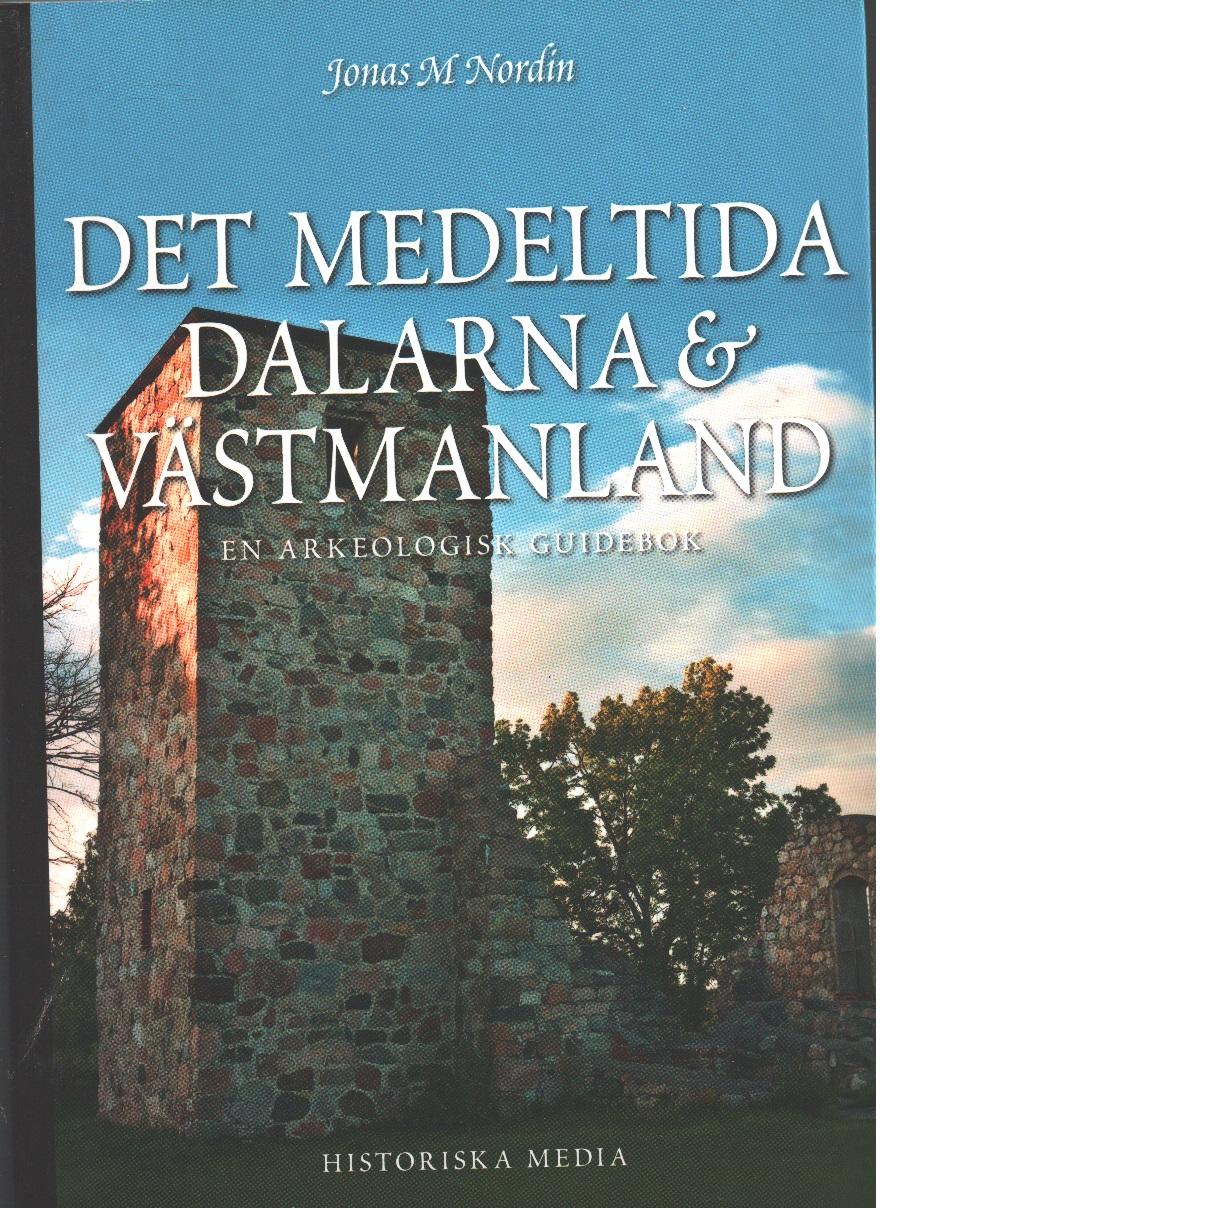 Det medeltida Dalarna och Västmanland : en arkeologisk guidebok - Nordin, Jonas M.